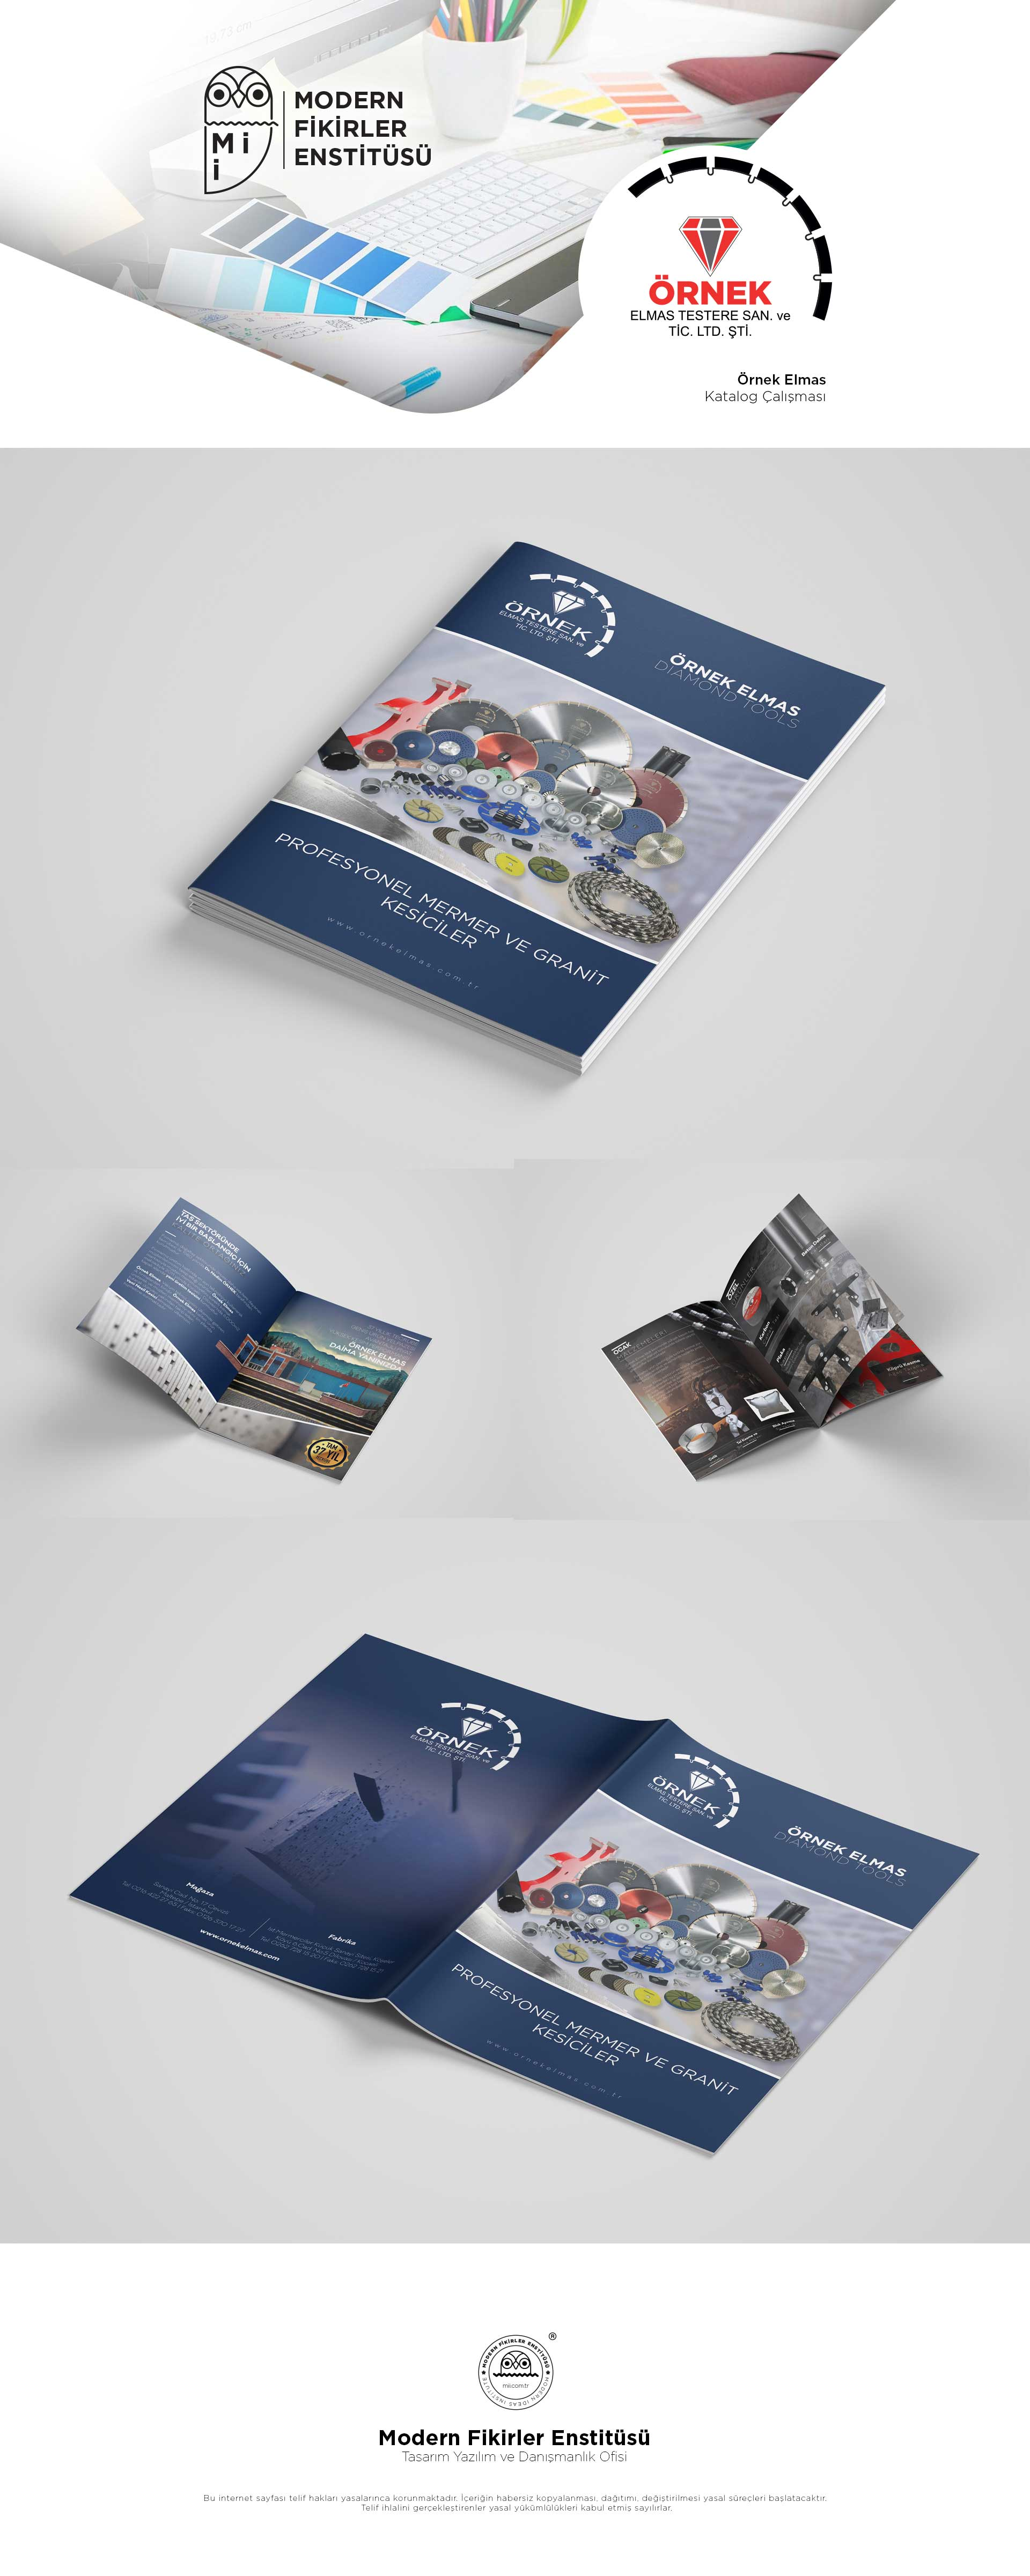 Örnek Elmas Katalog